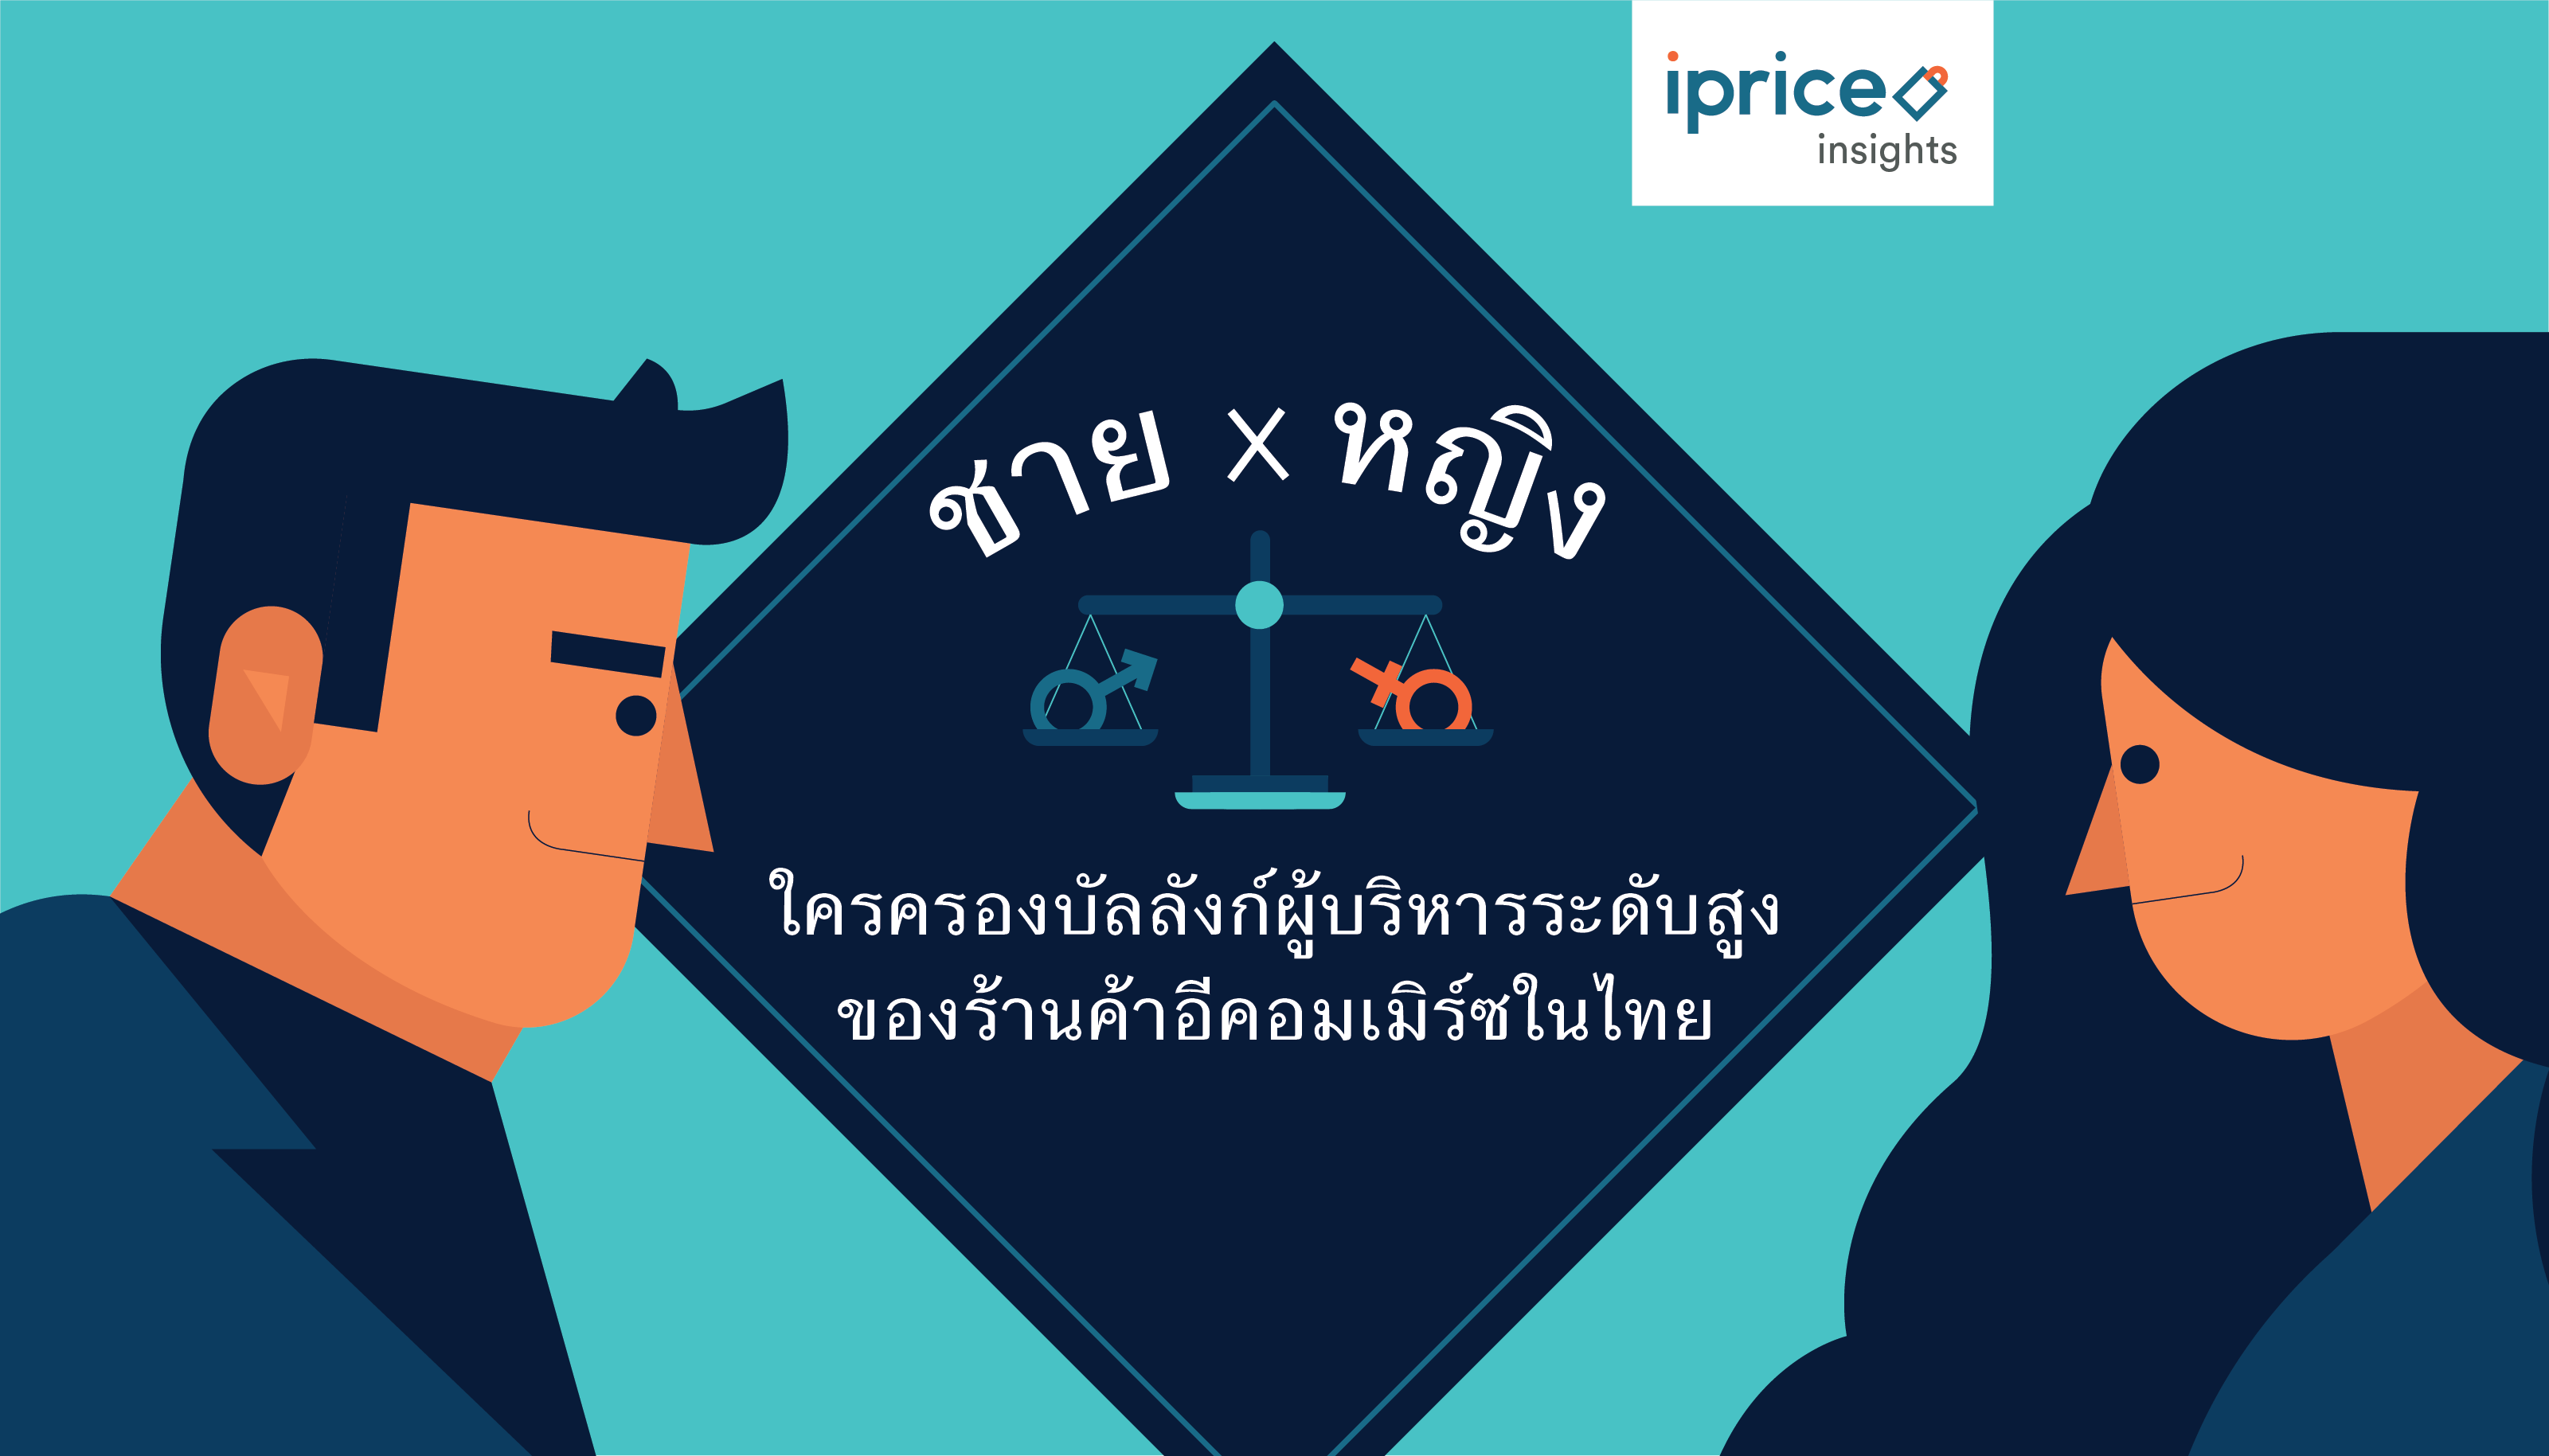 ชาย VS หญิง ใครกันแน่ที่ครองบัลลังก์ผู้บริหารระดับสูงในไทย? 13 -